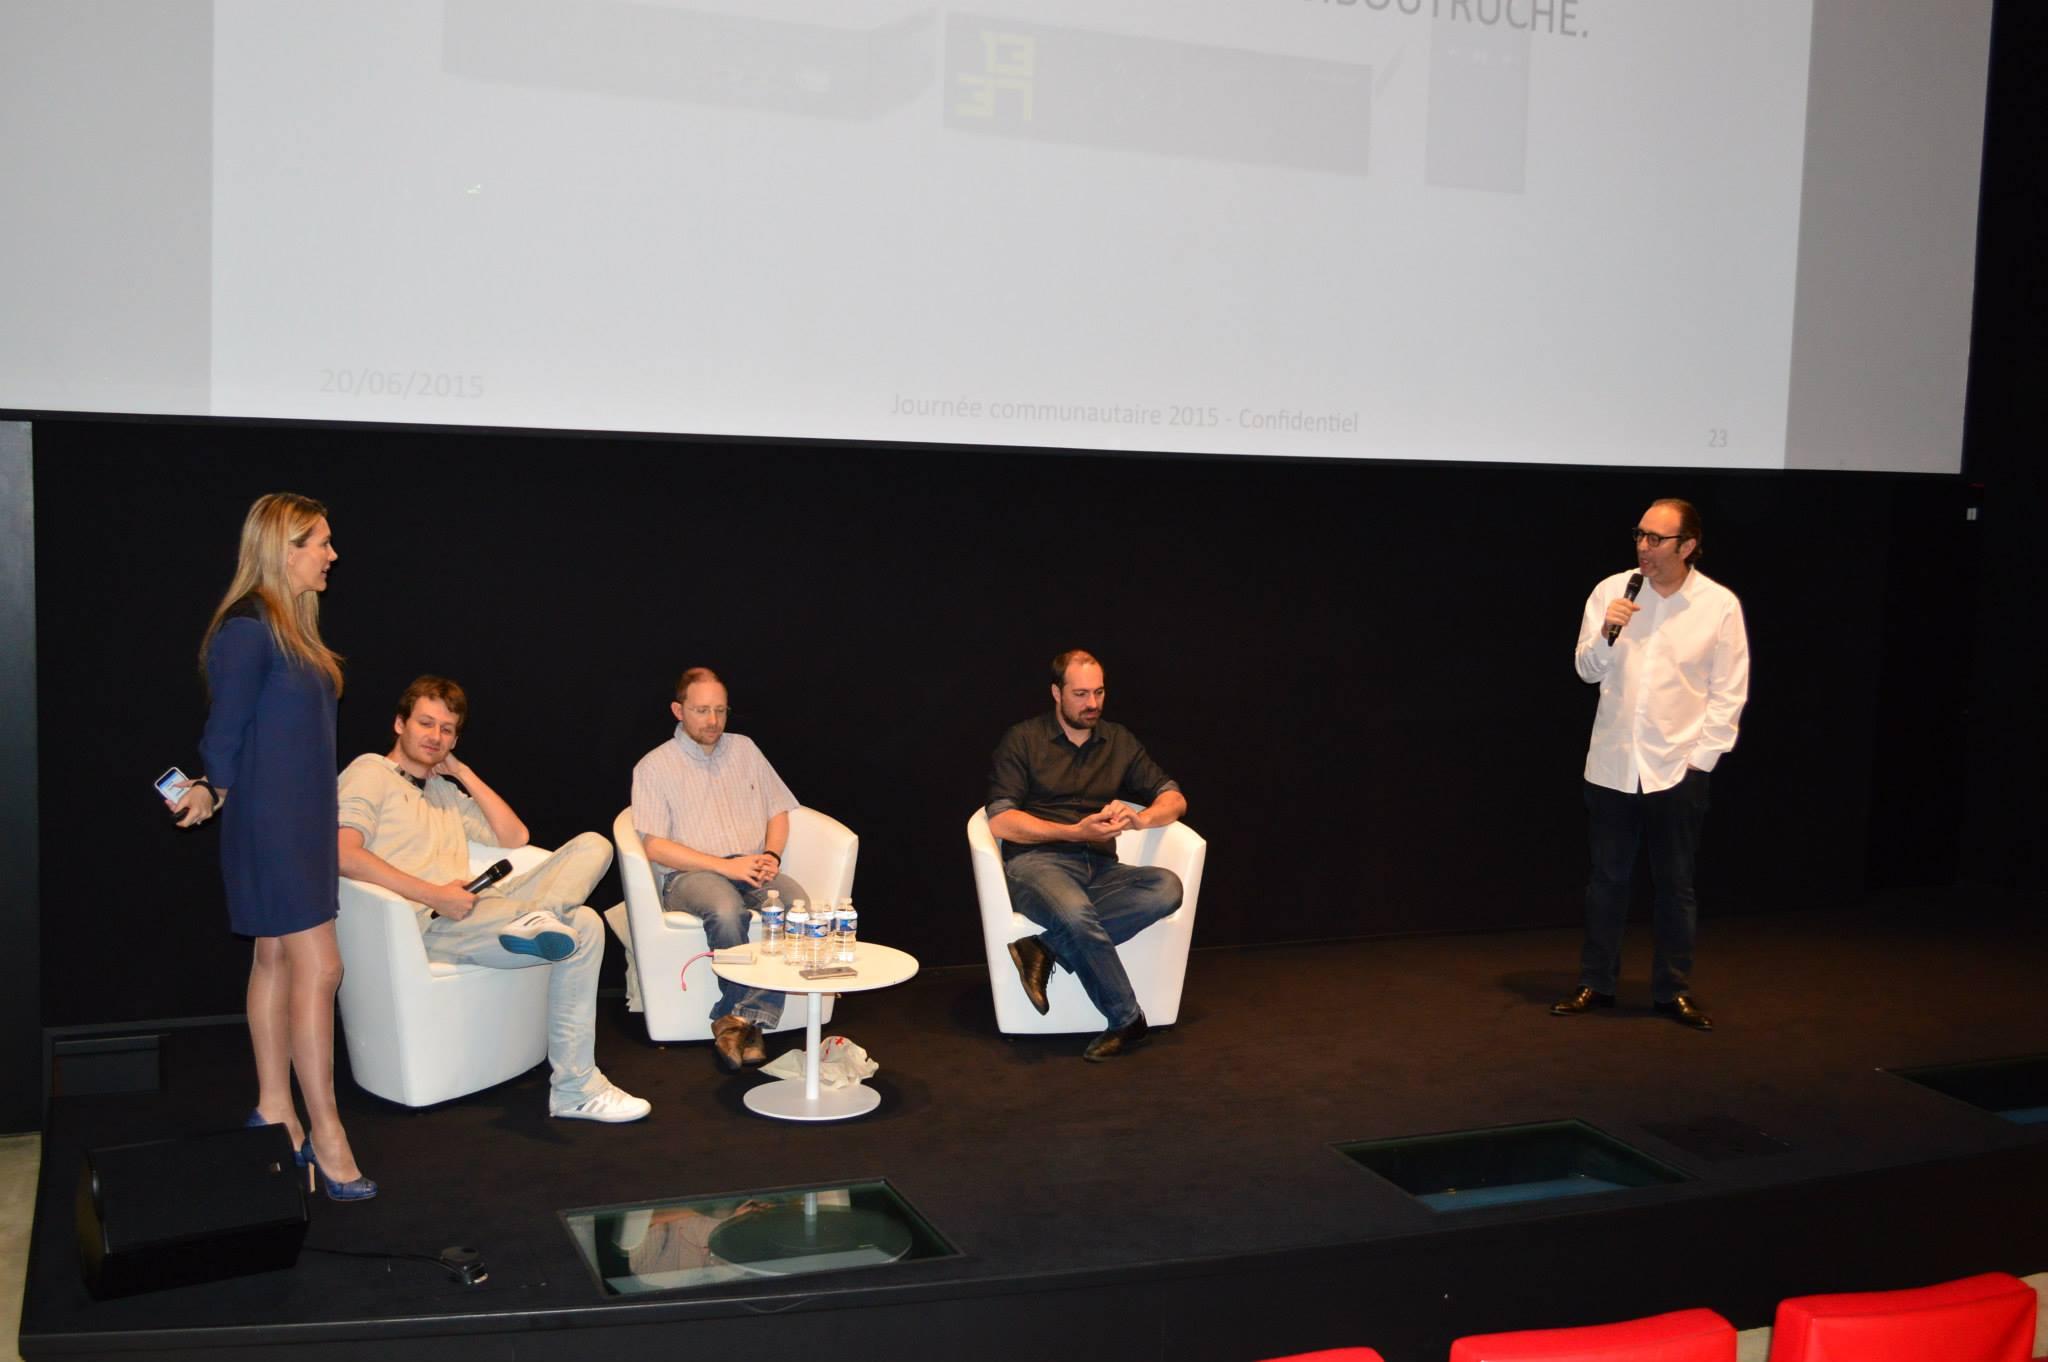 De g. à d. : Angélique Gérard, Maxime Bizon, Sébastien Boutruche, Antoine Levavasseur, Xavier Niel